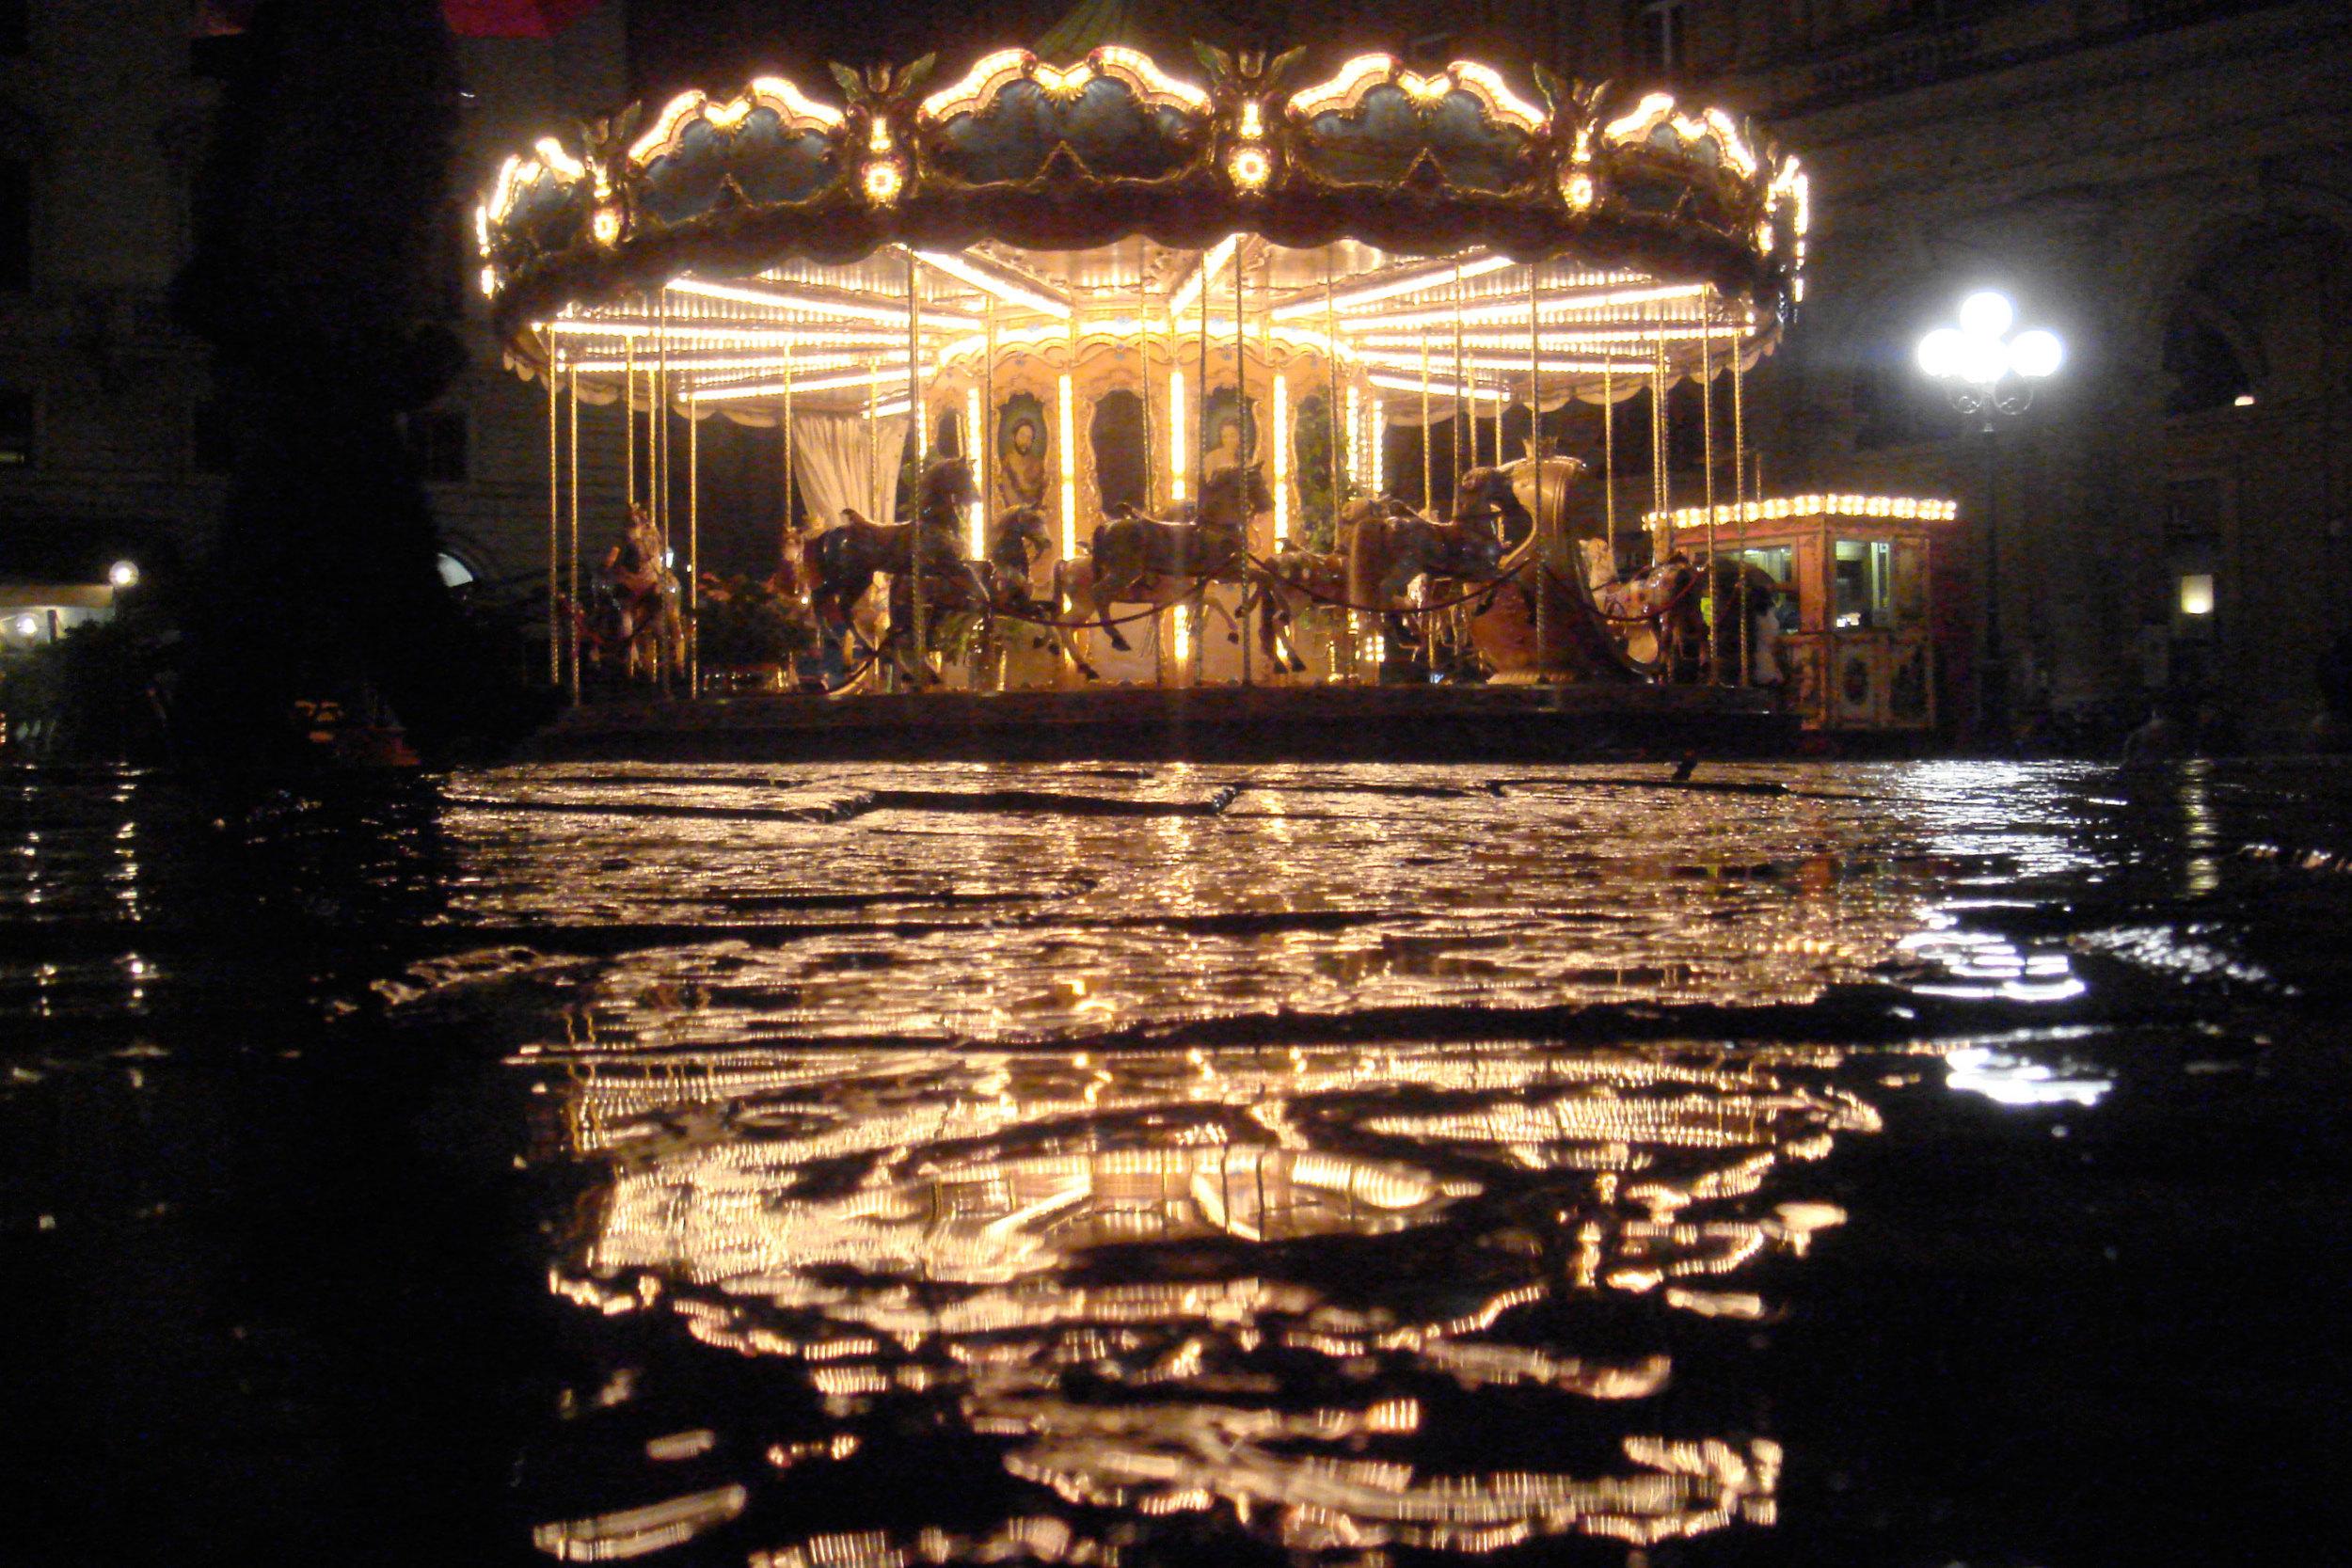 FlorenceCarousel.jpg